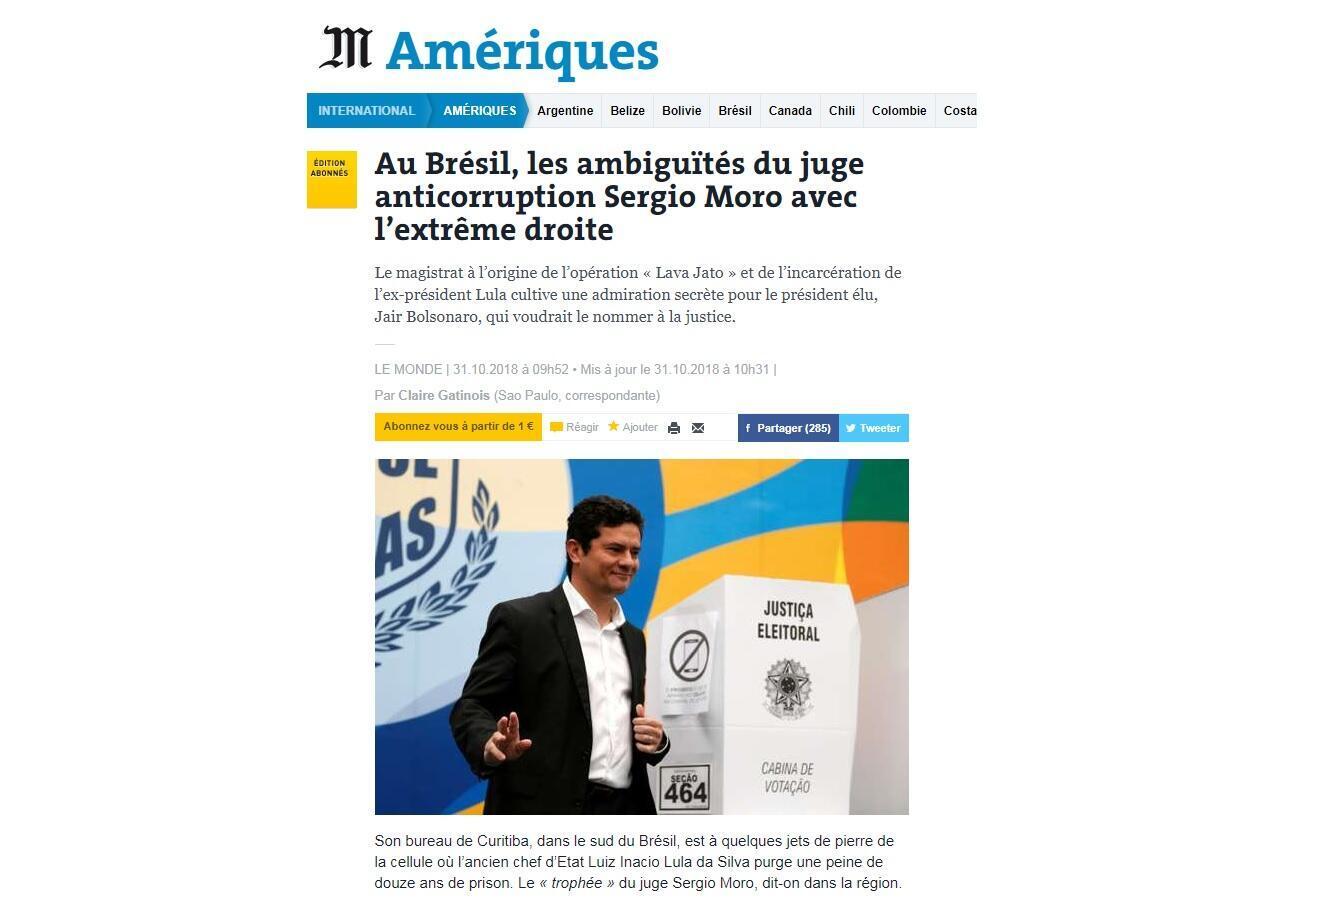 Le Monde aponta as ambiguidades do juiz Sérgio Moro